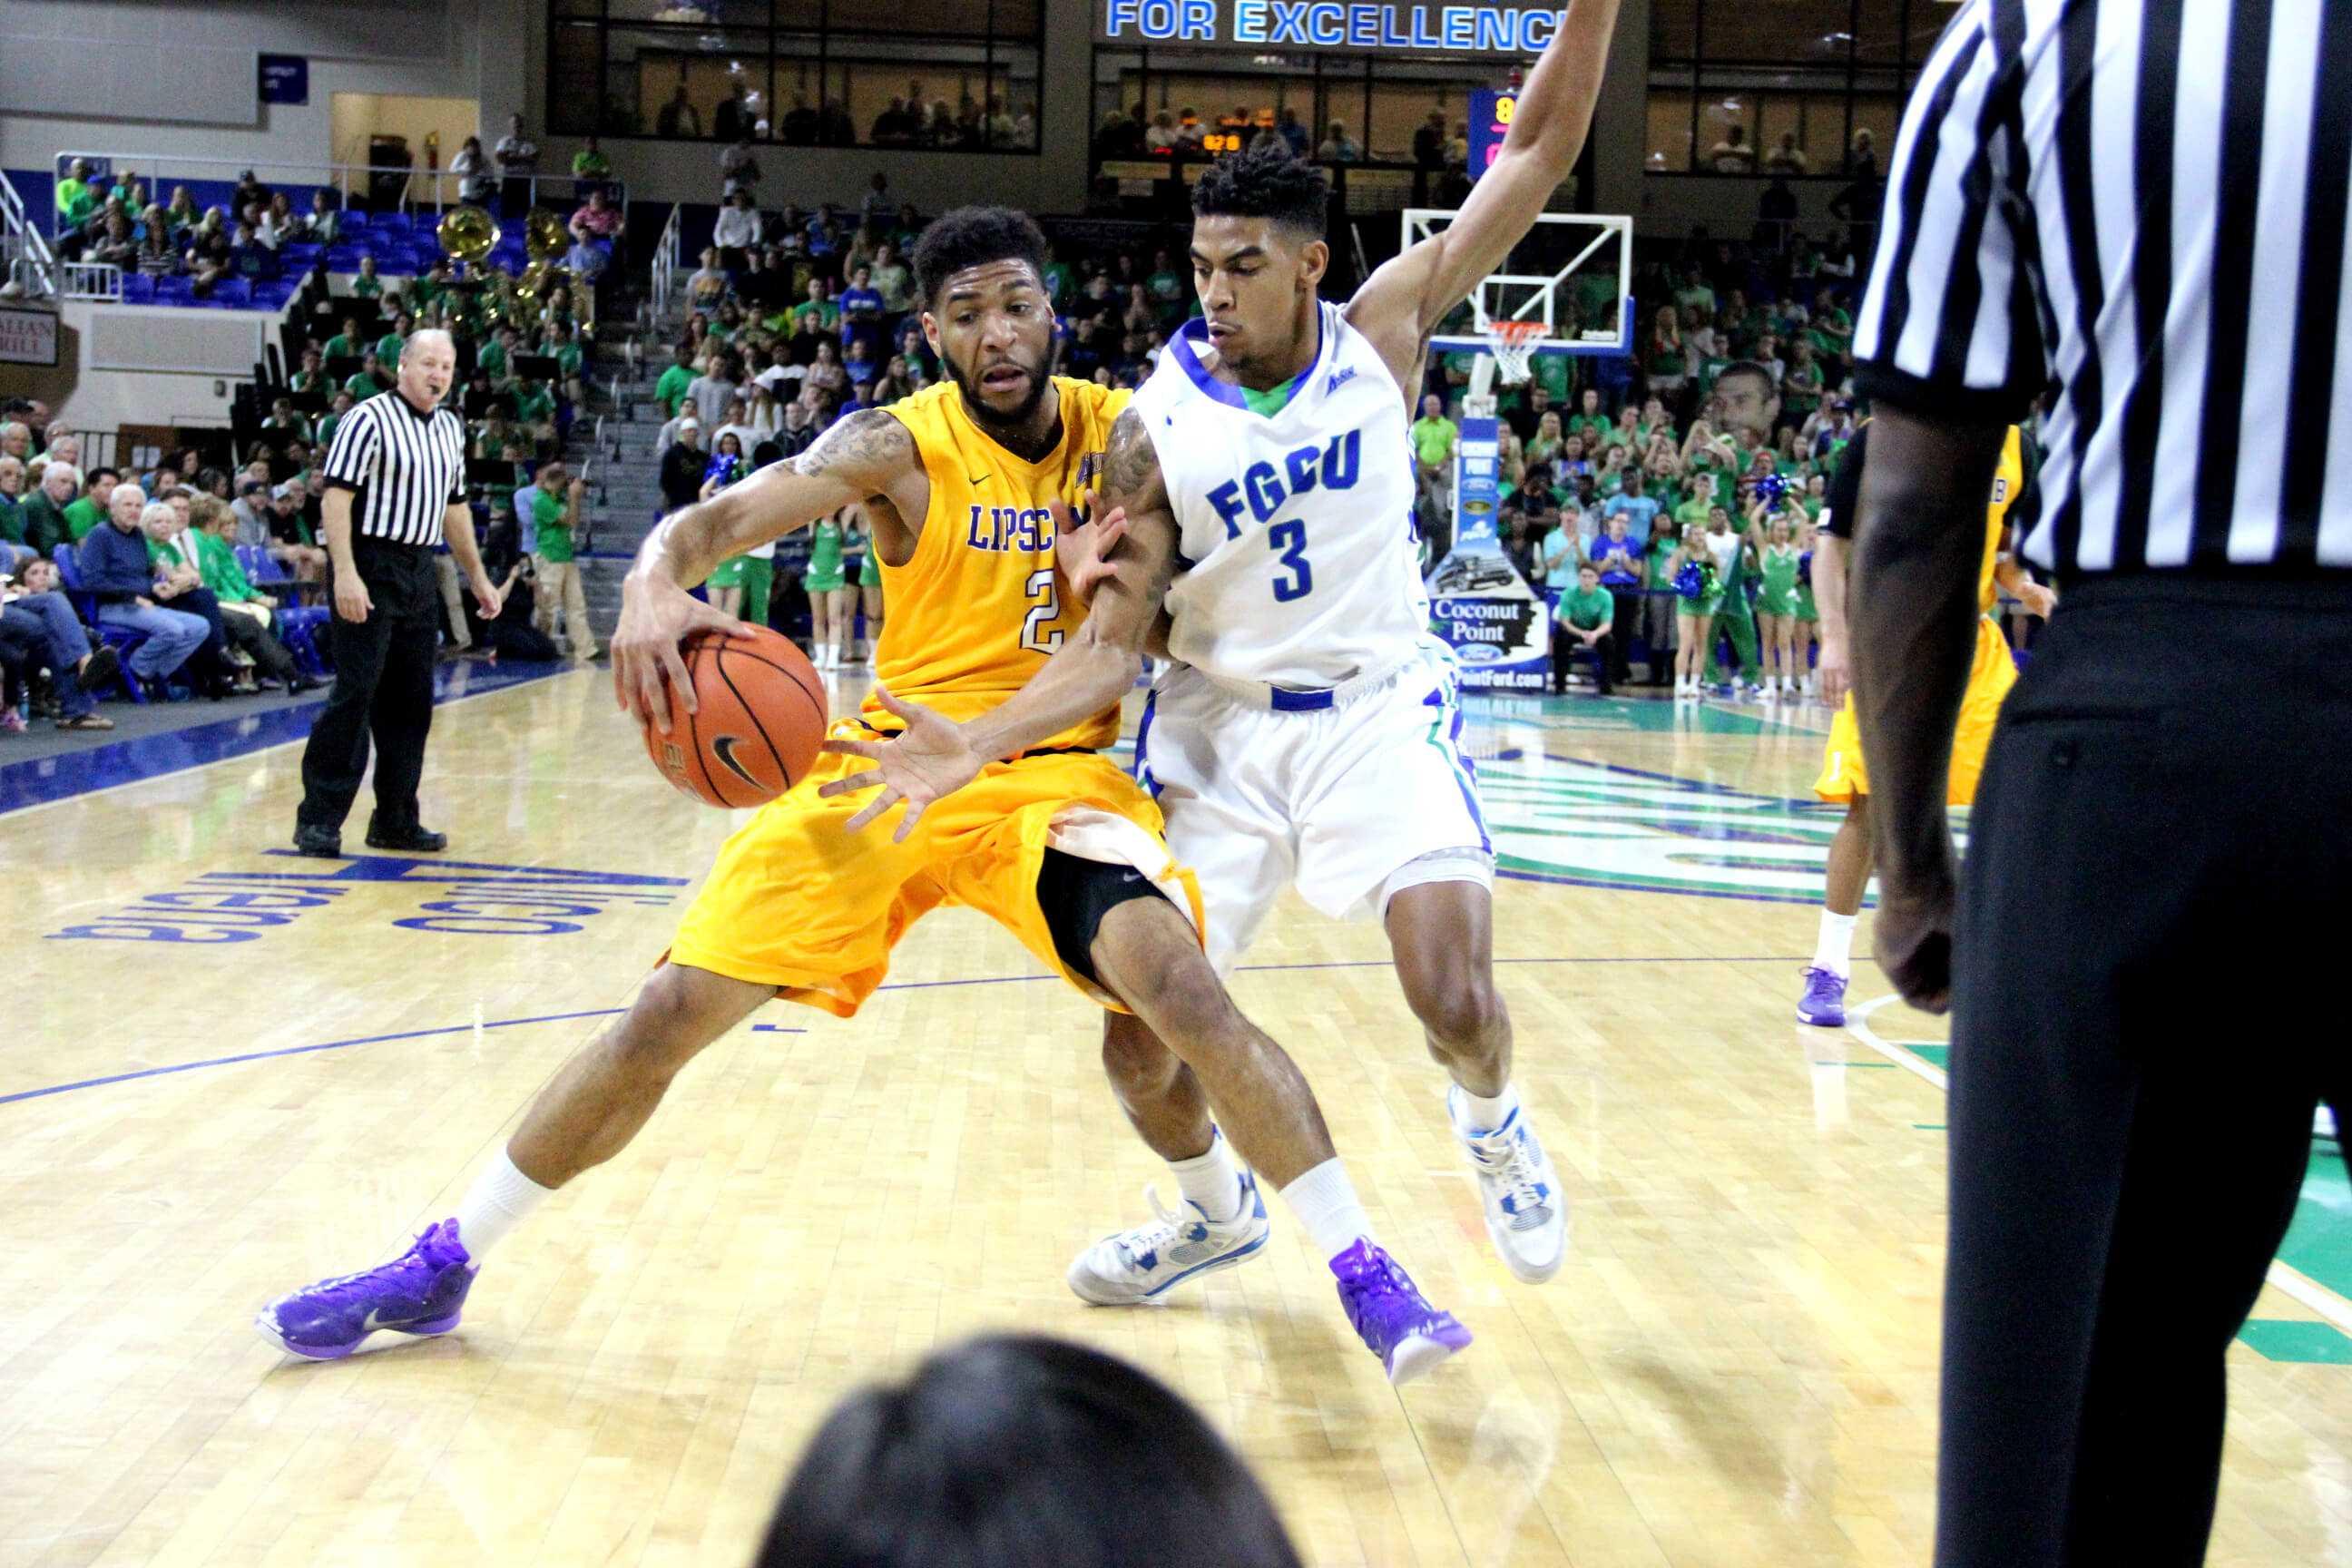 Men's basketball: FGCU defeats Lipscomb